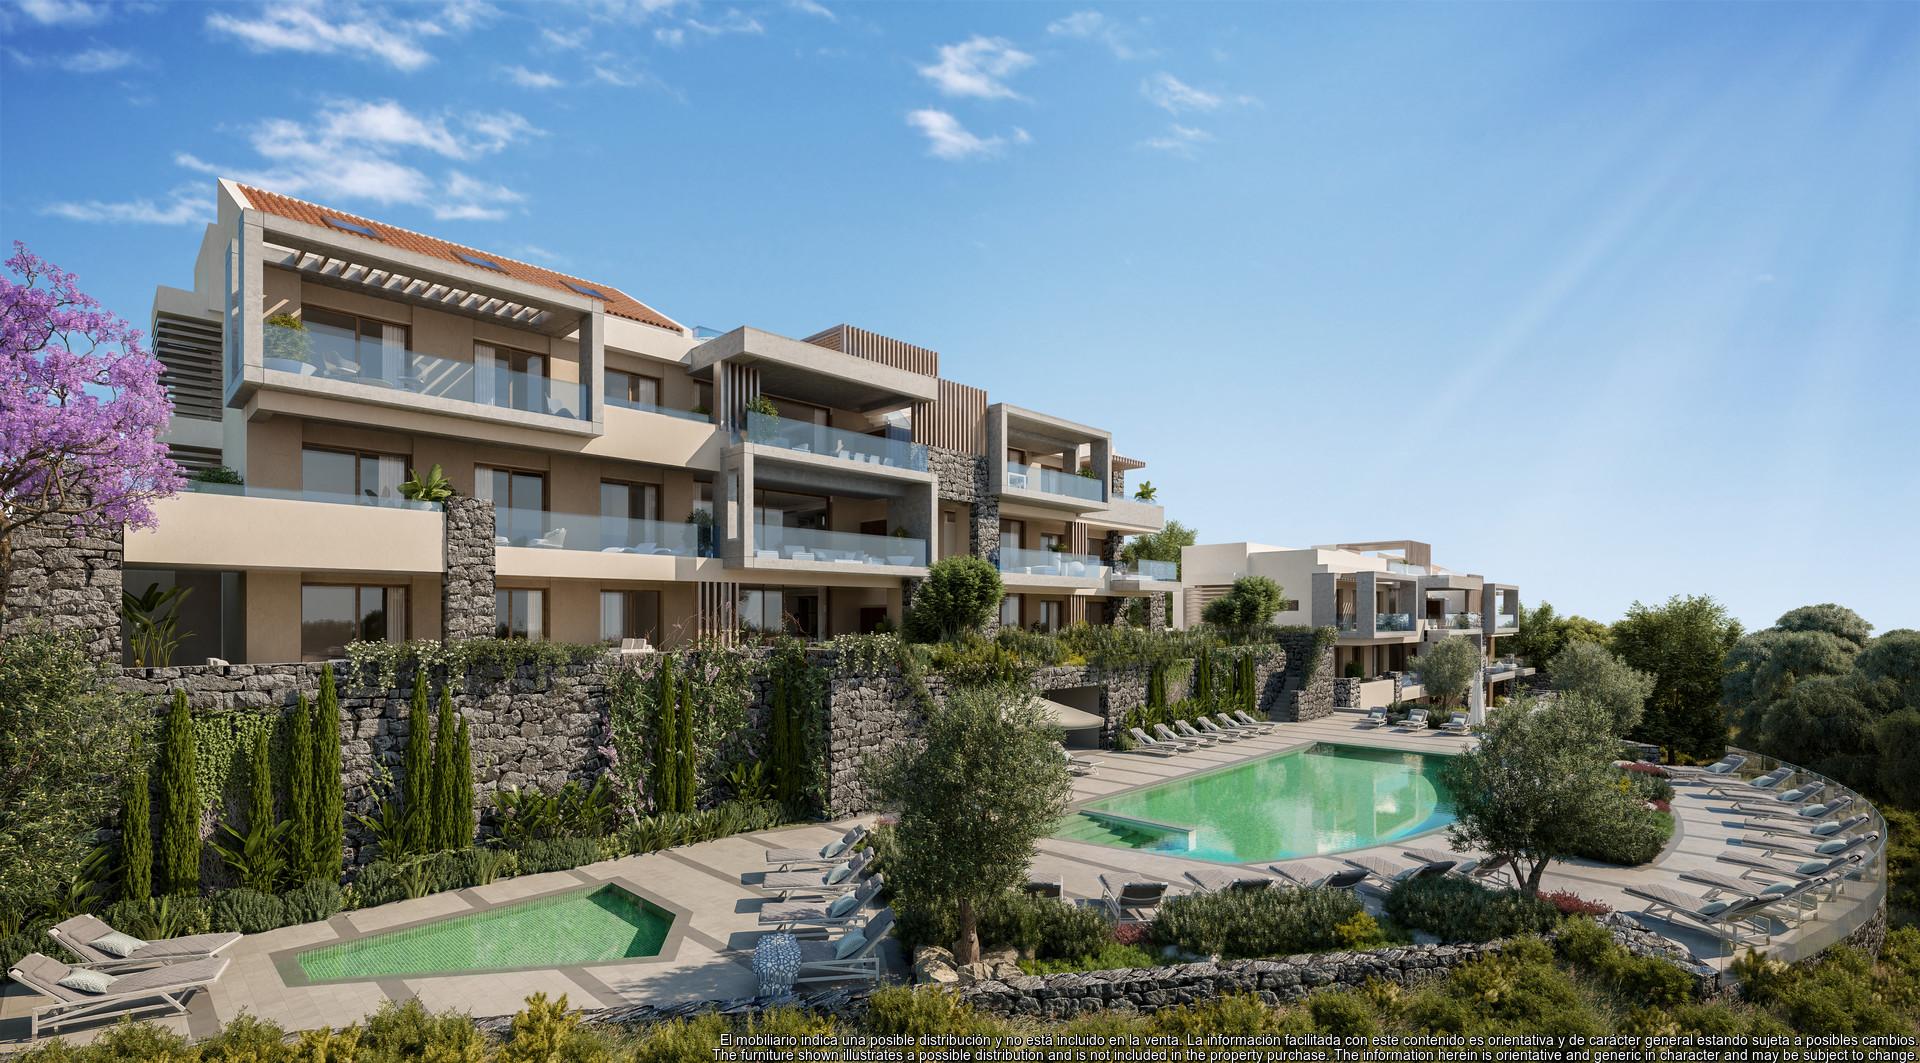 Tercera fase de residencial exclusivo en La Quinta